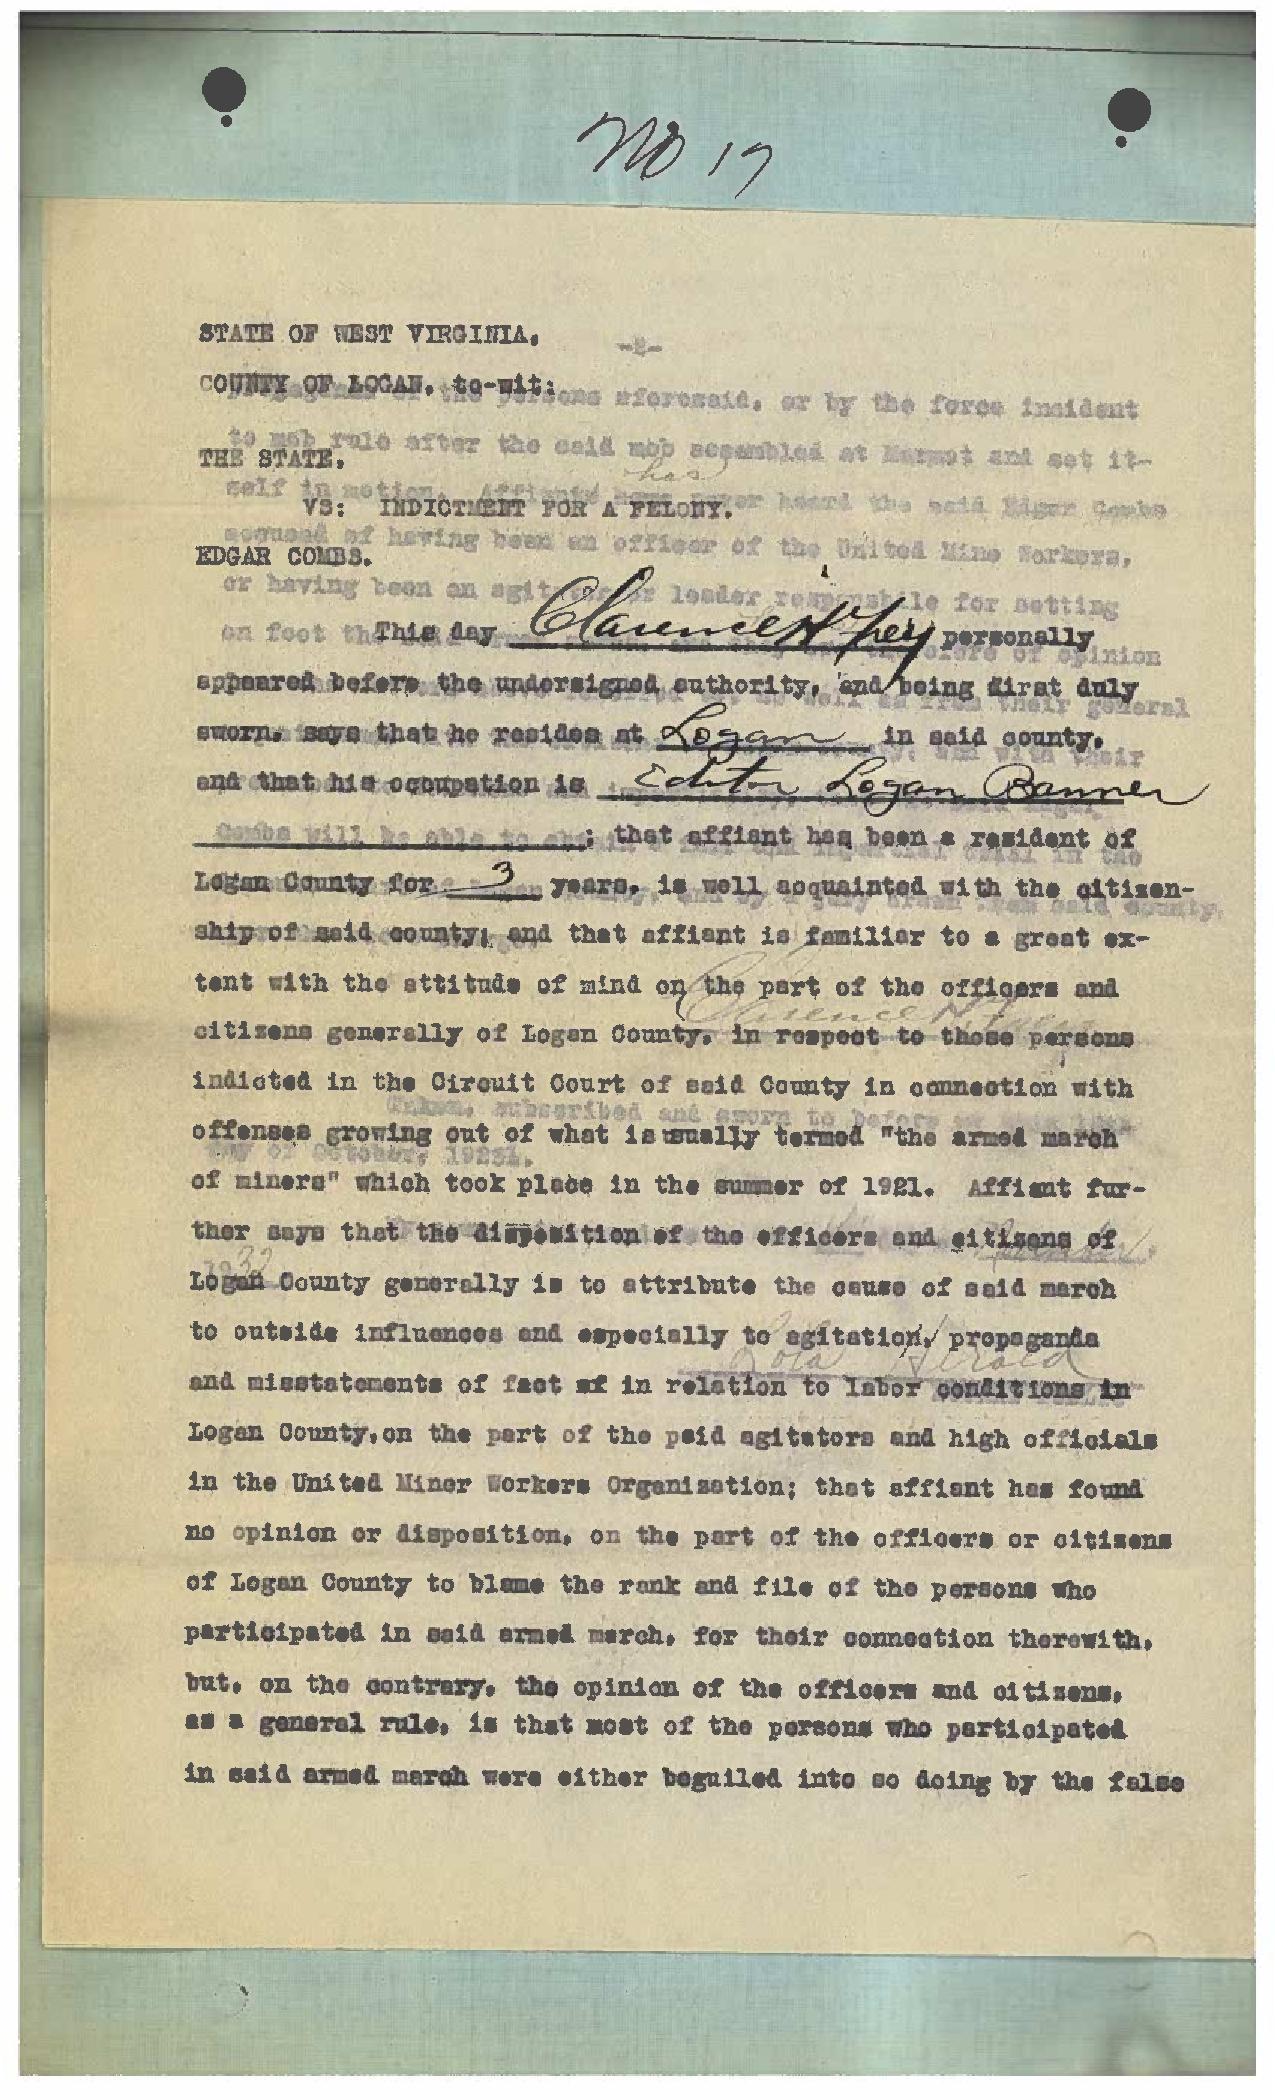 Document 17-1